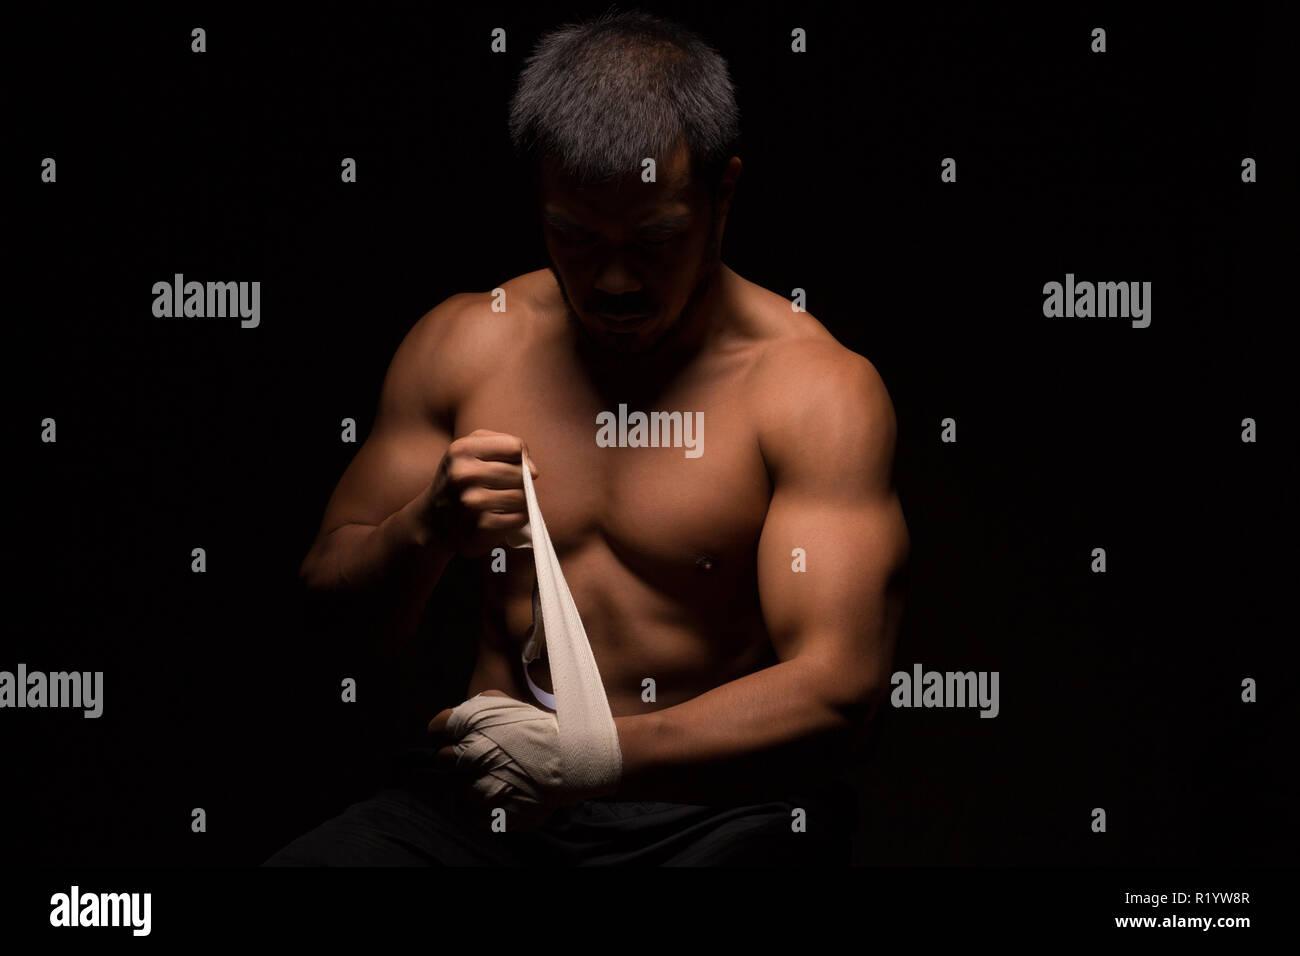 L'homme asiatique avec la partie supérieure du corps se prépare à la lutte Photo Stock